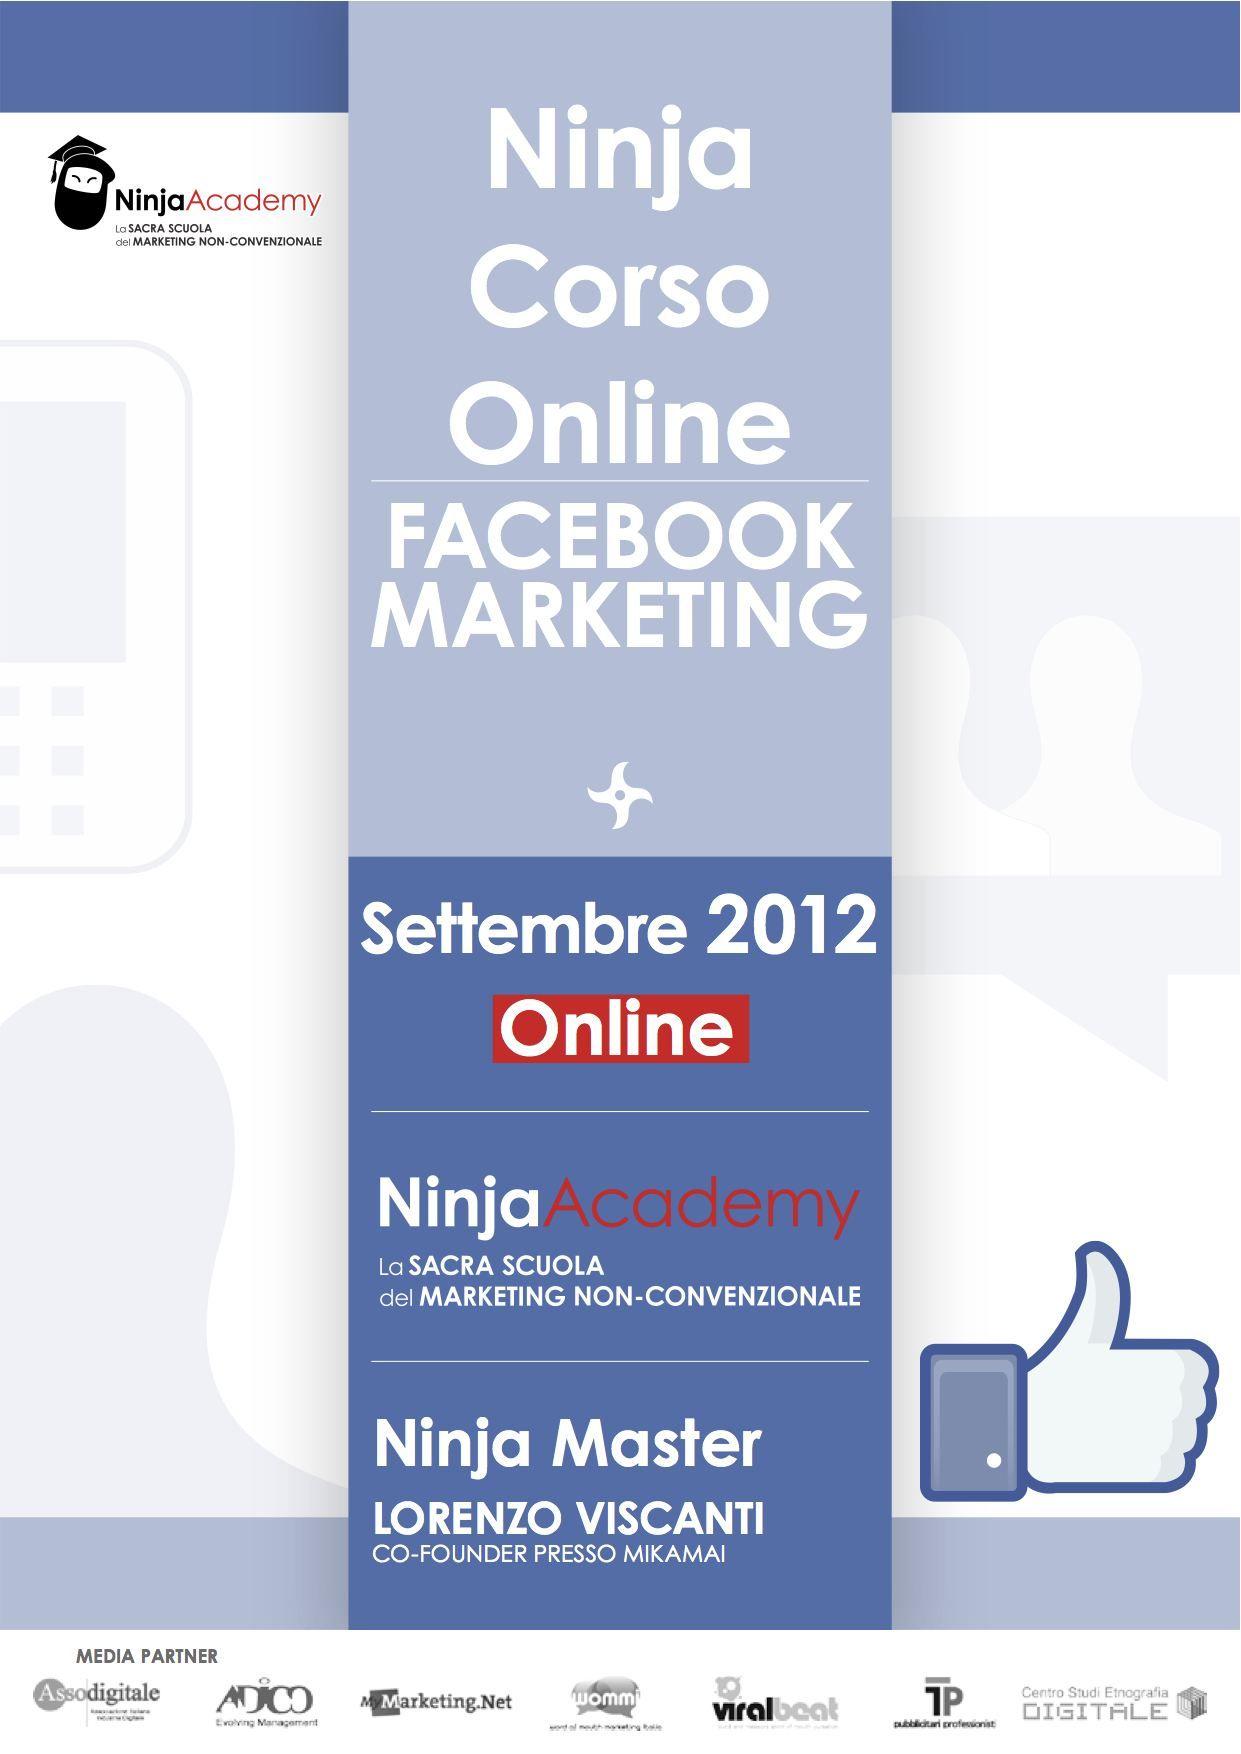 Corso Online in Facebook Marketing - Come progettare strategie di marketing a 360 gradi su Facebook